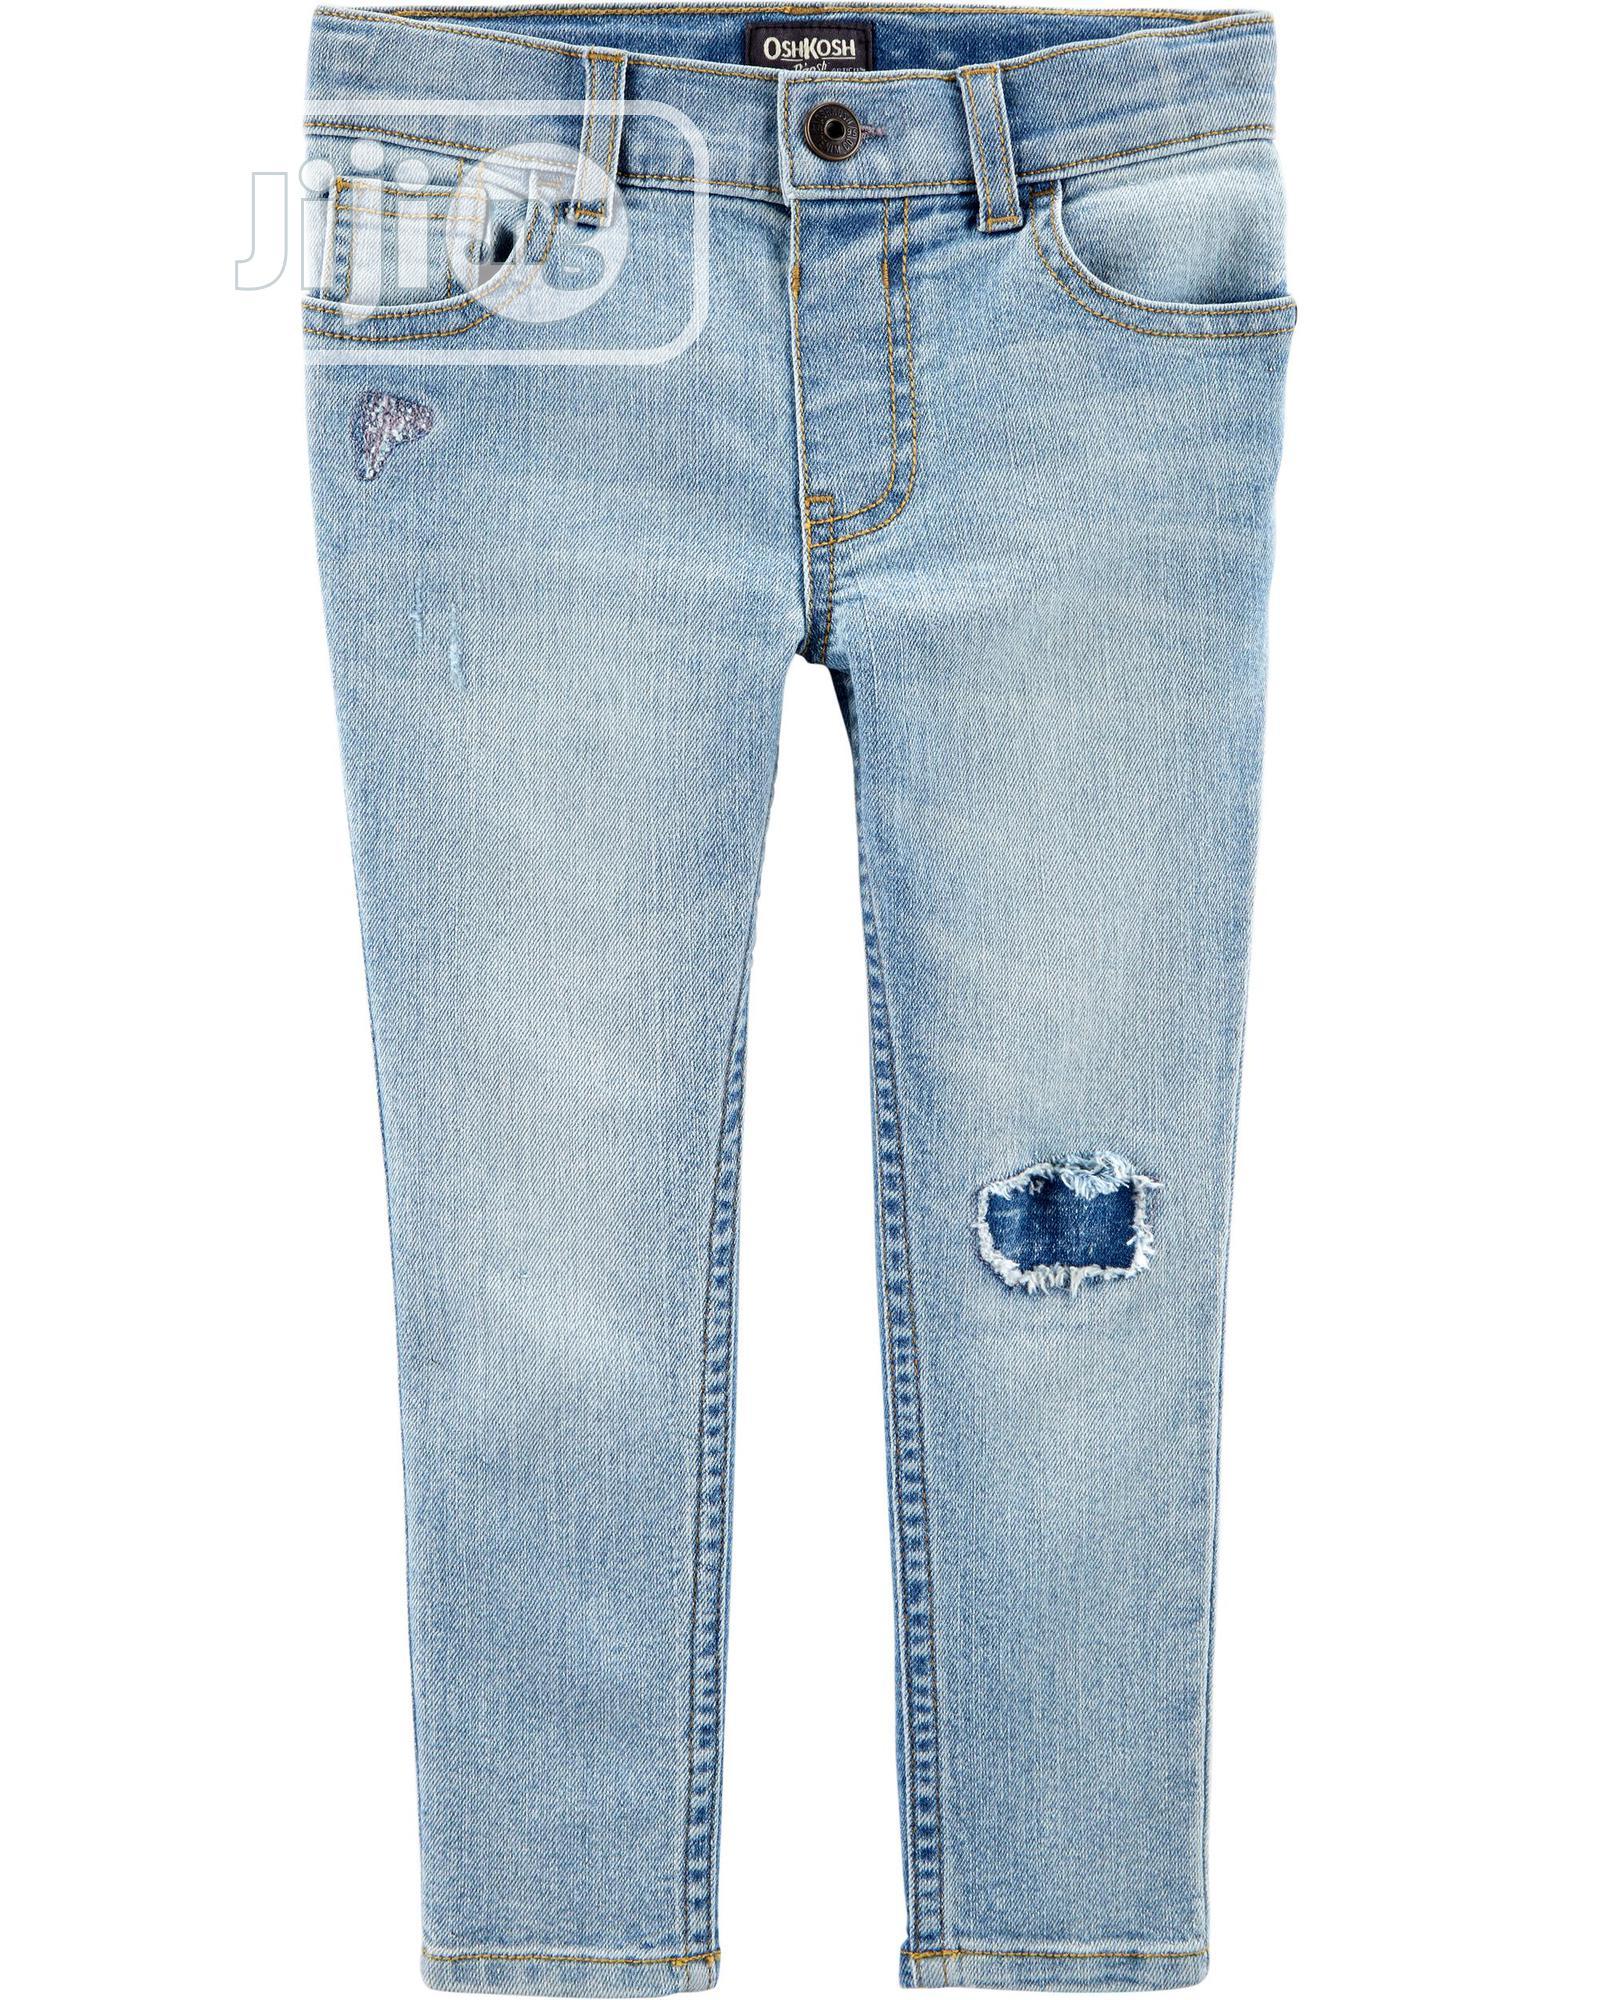 Rip-And-Repair Skinny Jeans